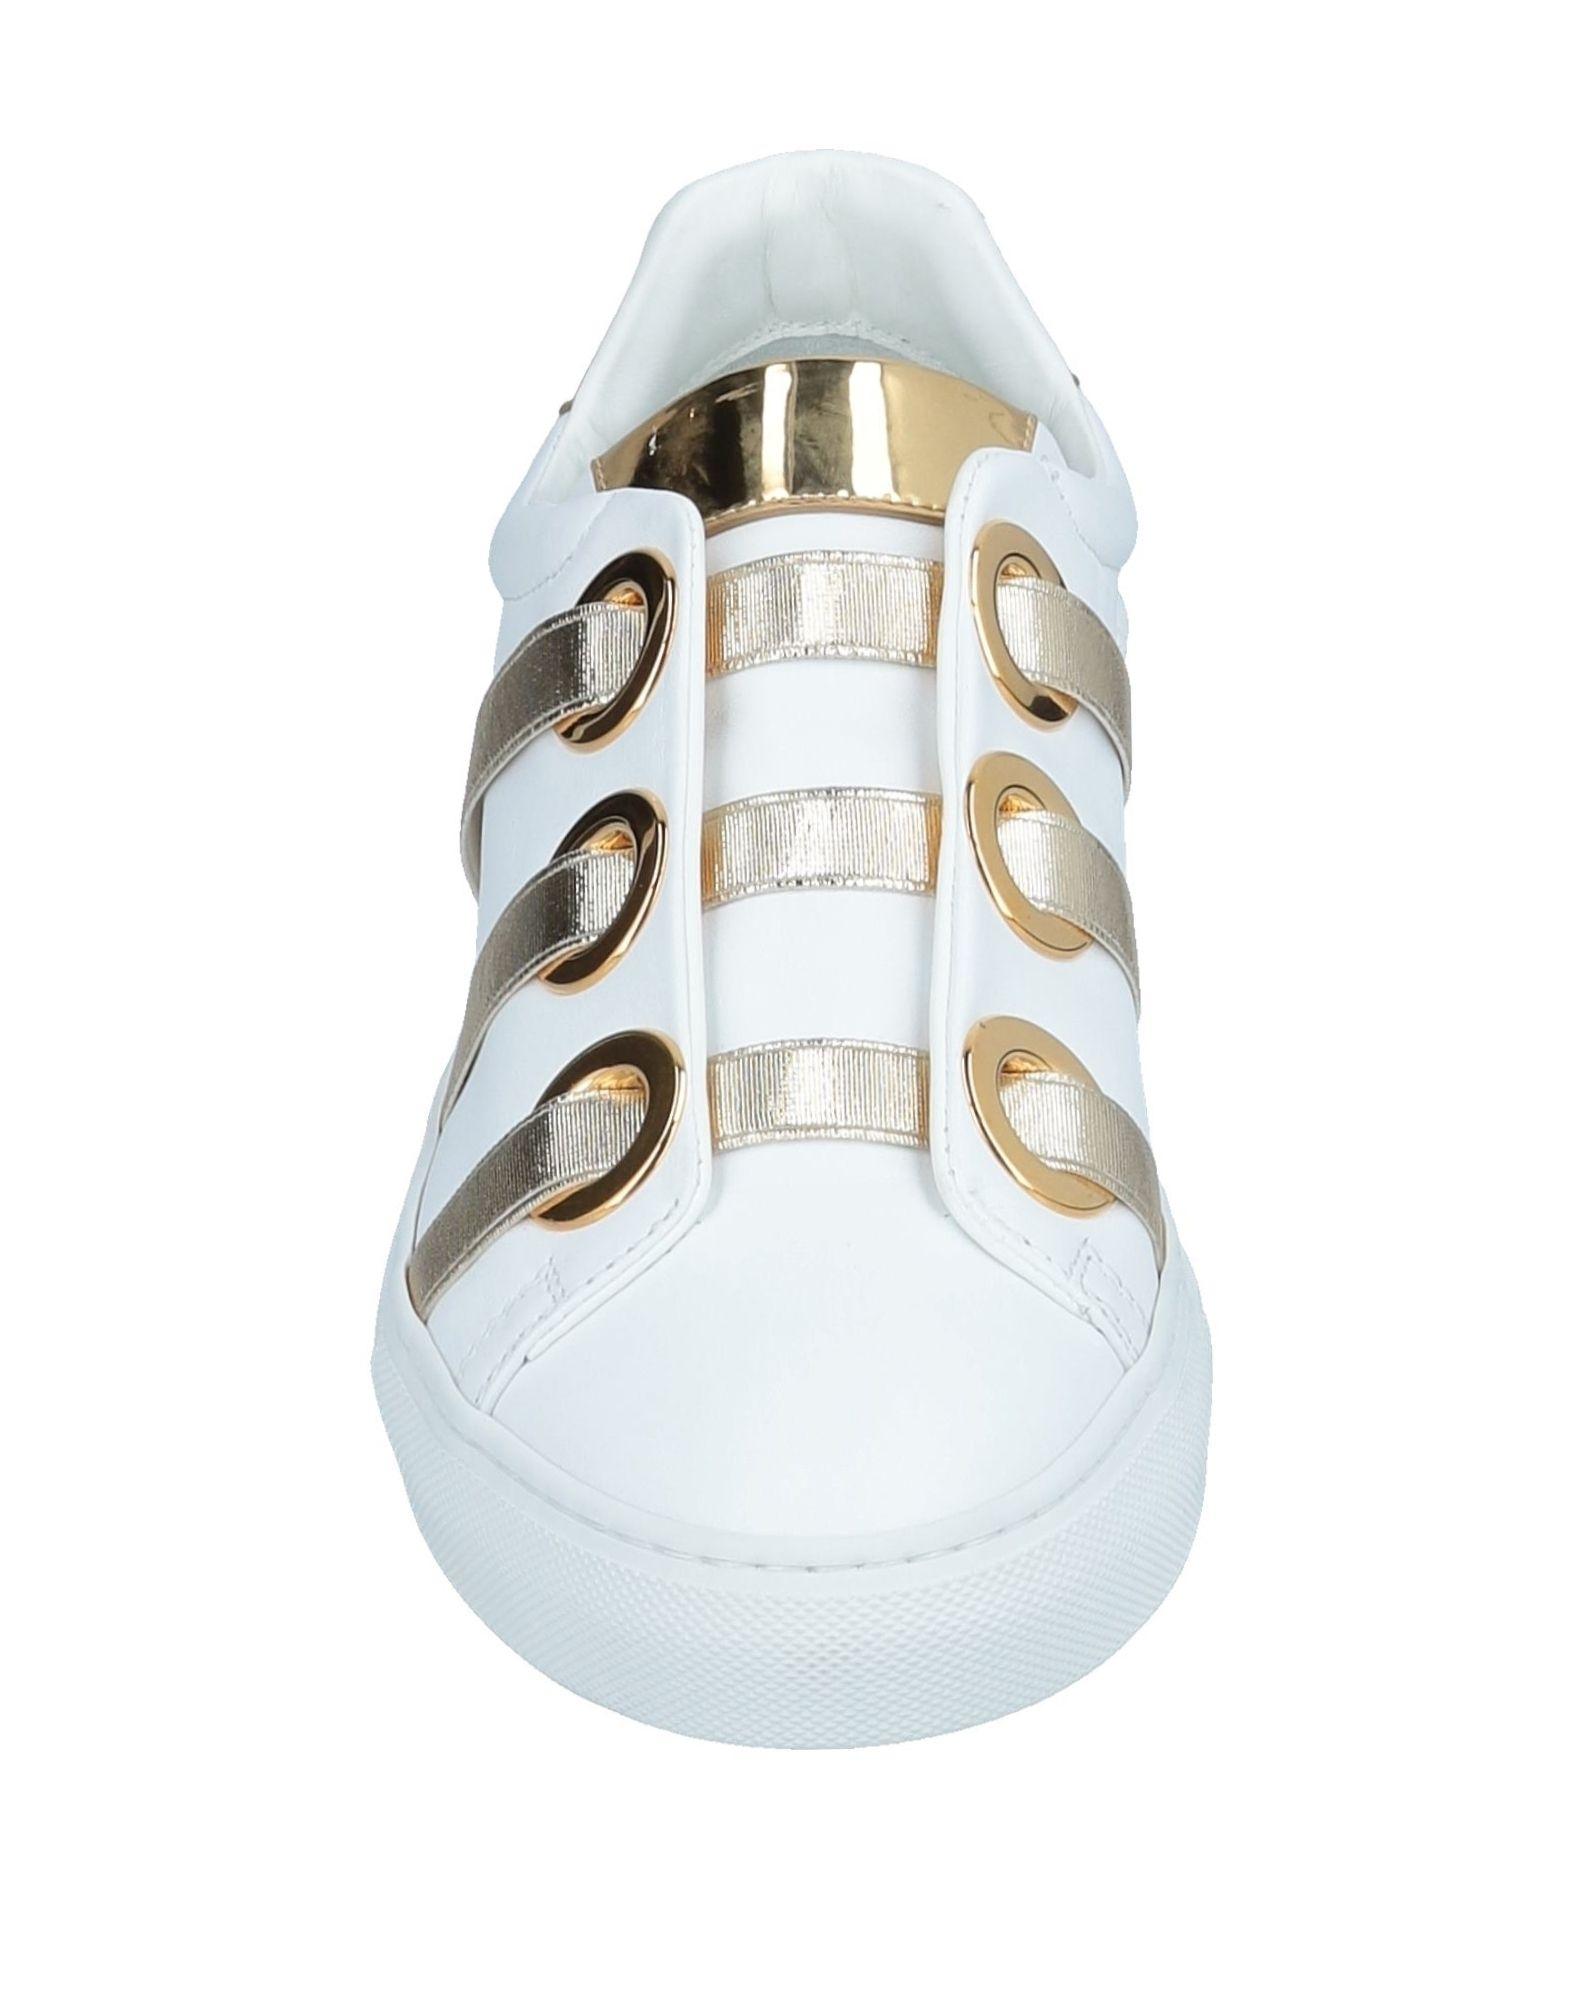 Casadei es Sneakers Herren Gutes Preis-Leistungs-Verhältnis, es Casadei lohnt sich,Billig-11822 a90a96